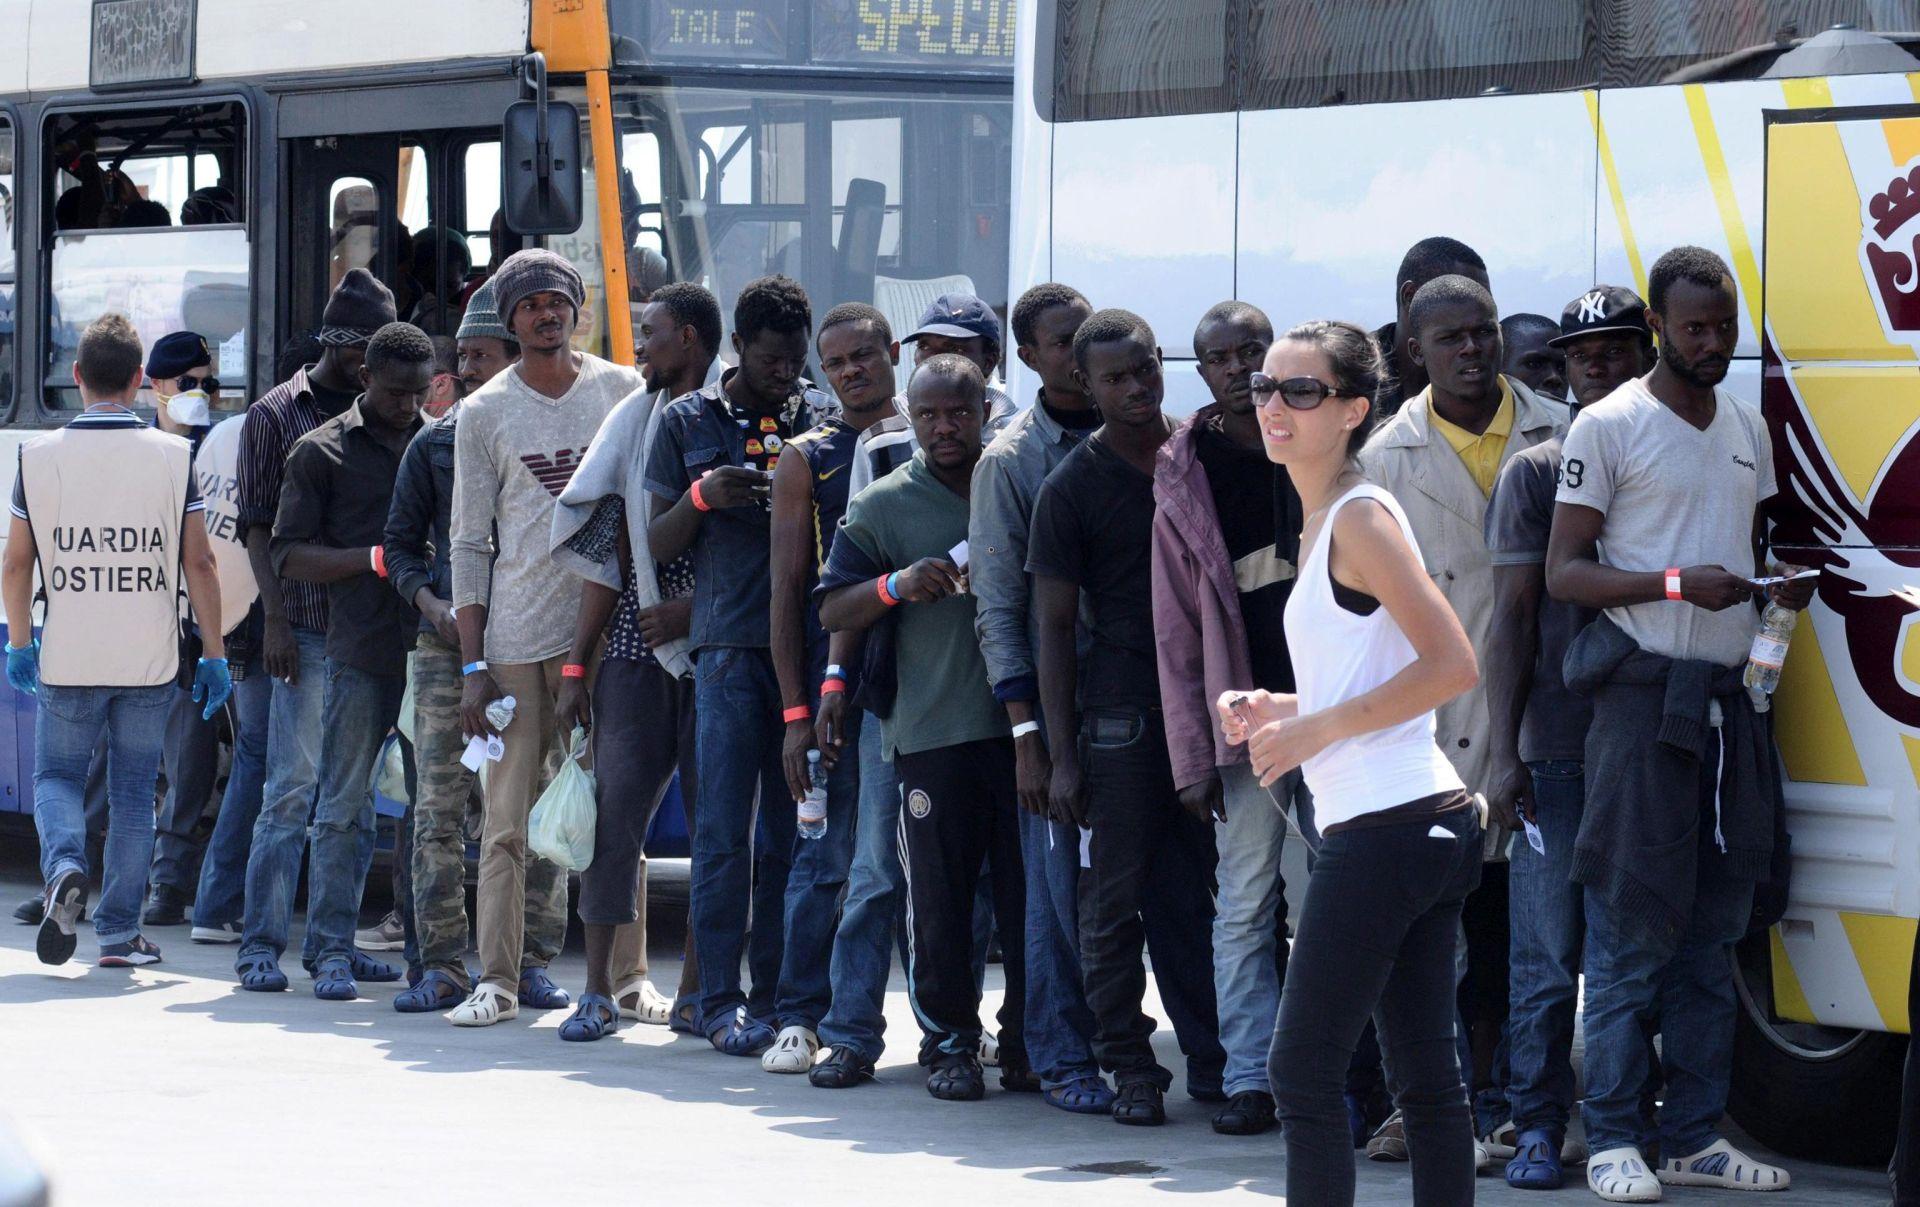 OPERACIJA TRITON Više od 1.200 migranata stiglo na Siciliju